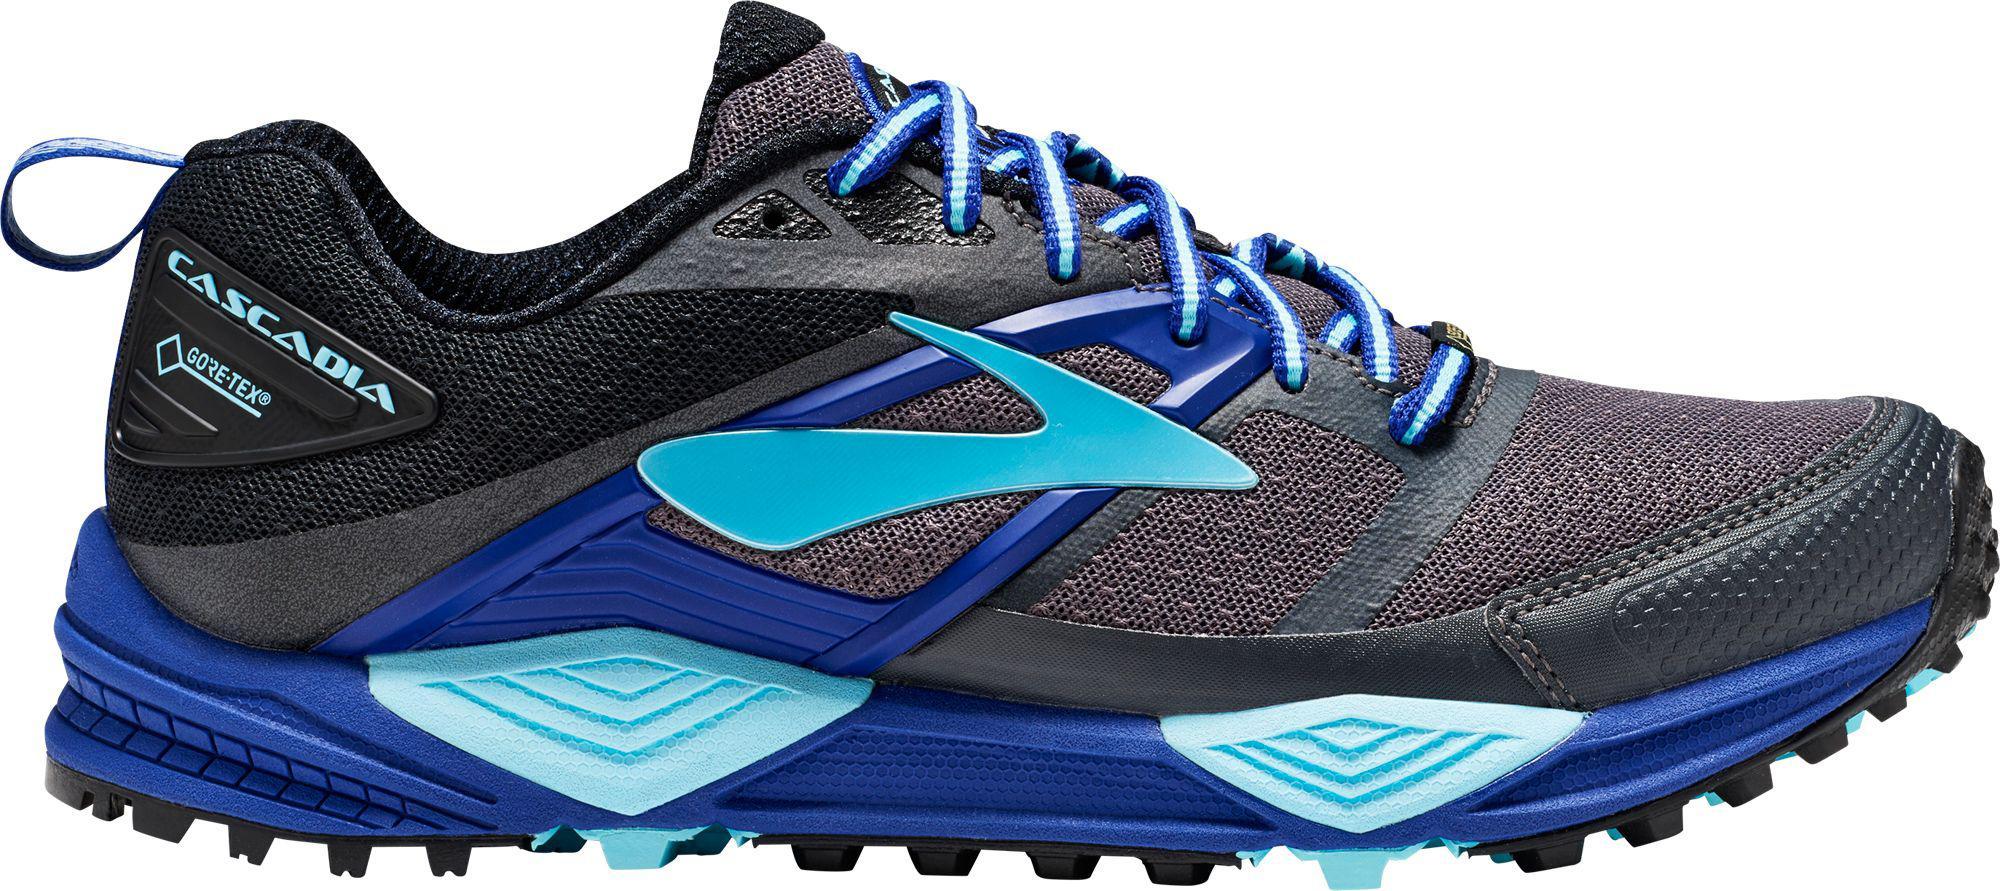 0f1576da34e Lyst - Brooks Cascadia 12 Gtx Running Shoes in Black